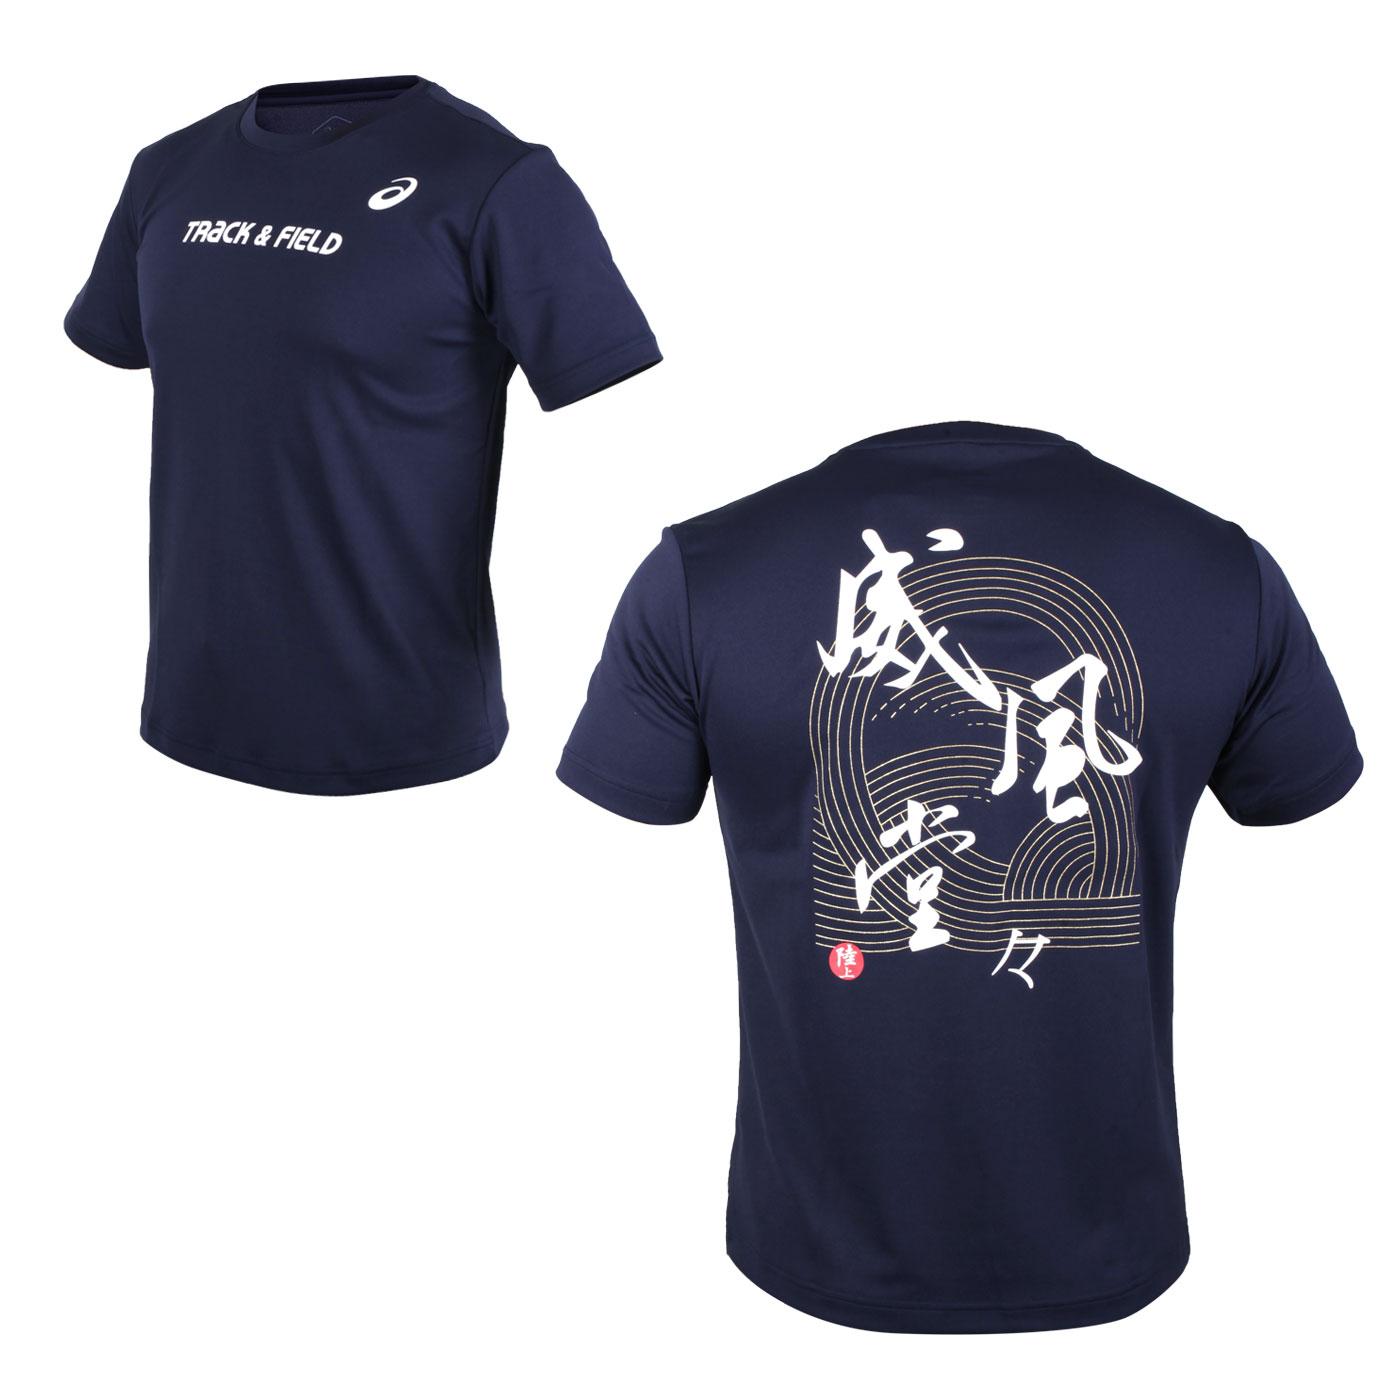 ASICS 男款短袖T恤 2093A129-401 - 丈青白